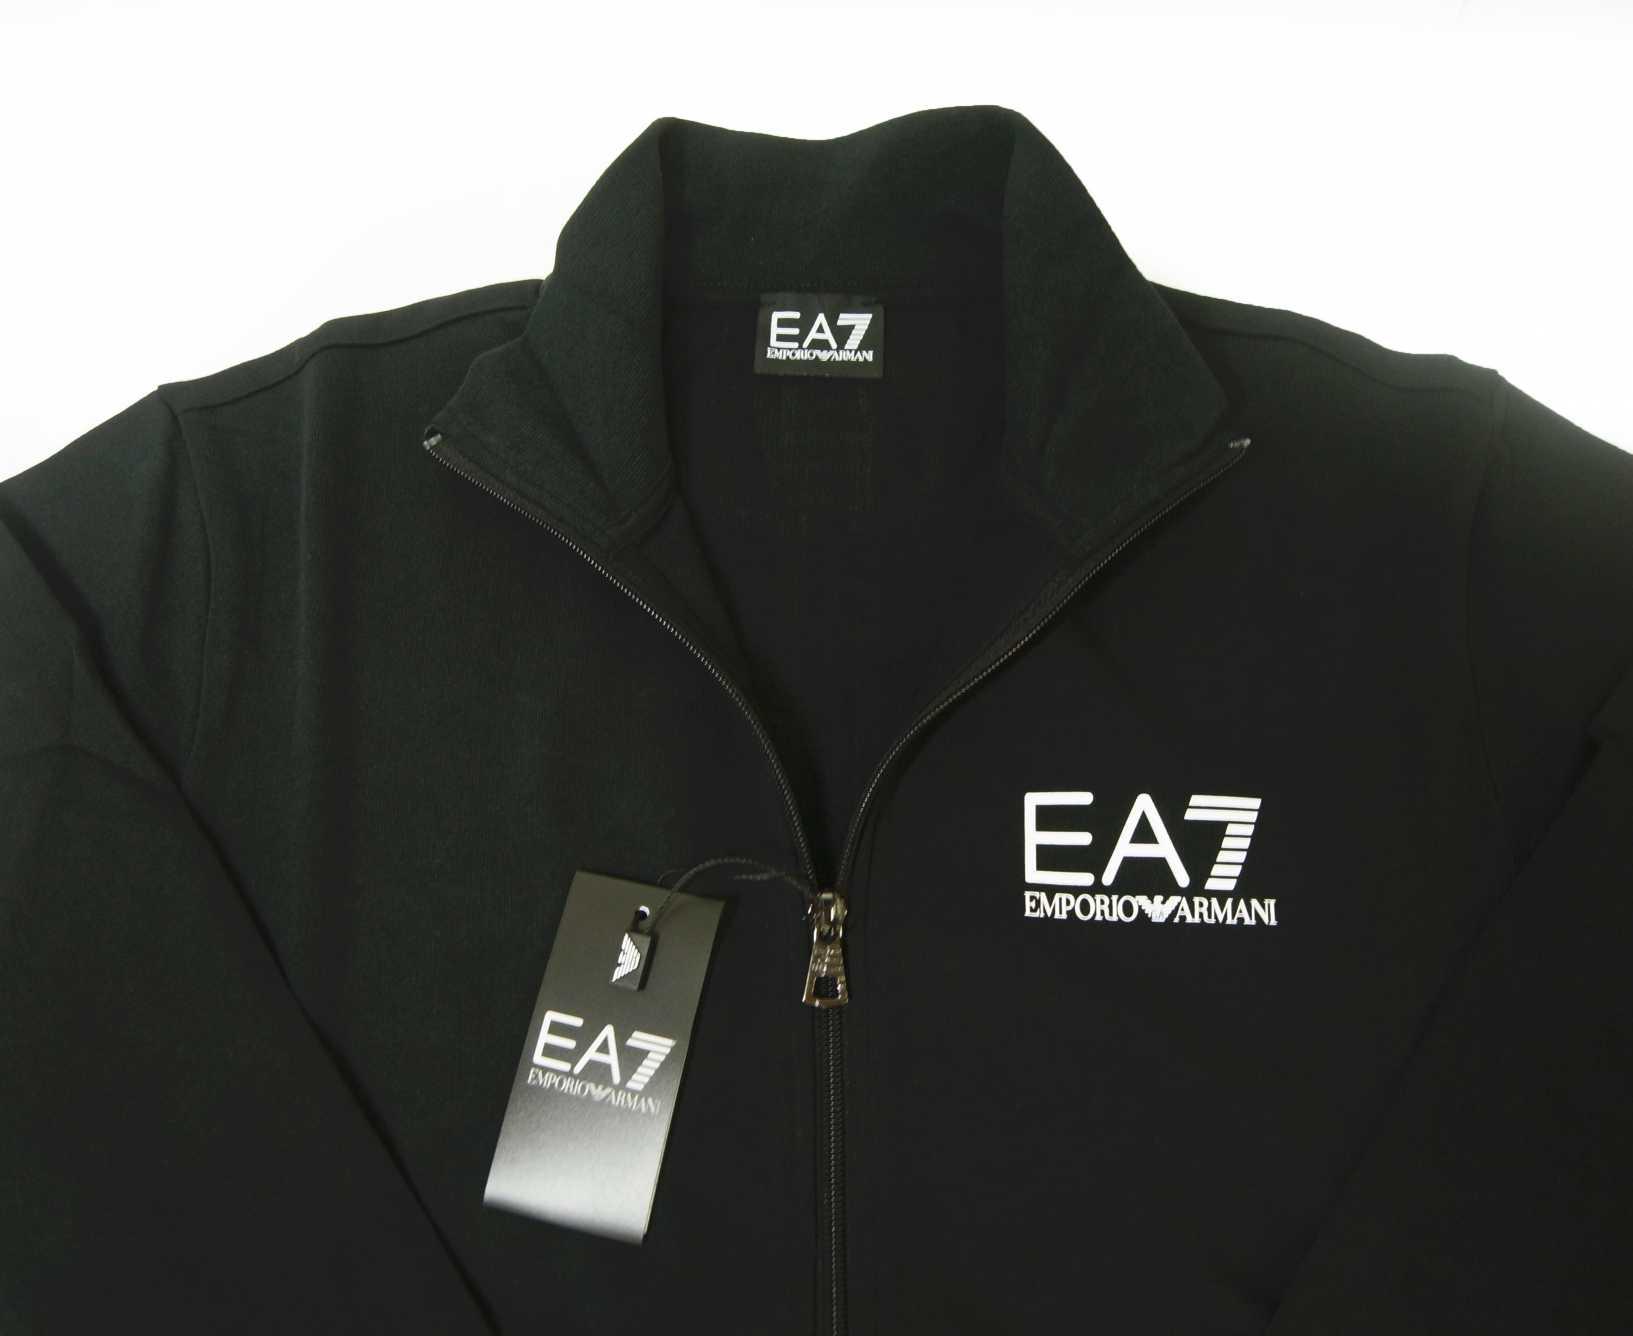 cheap for discount 4e212 f2894 ジャージ トレーニングウェア トラックスーツ Mサイズ エンポリオアルマーニ EA7